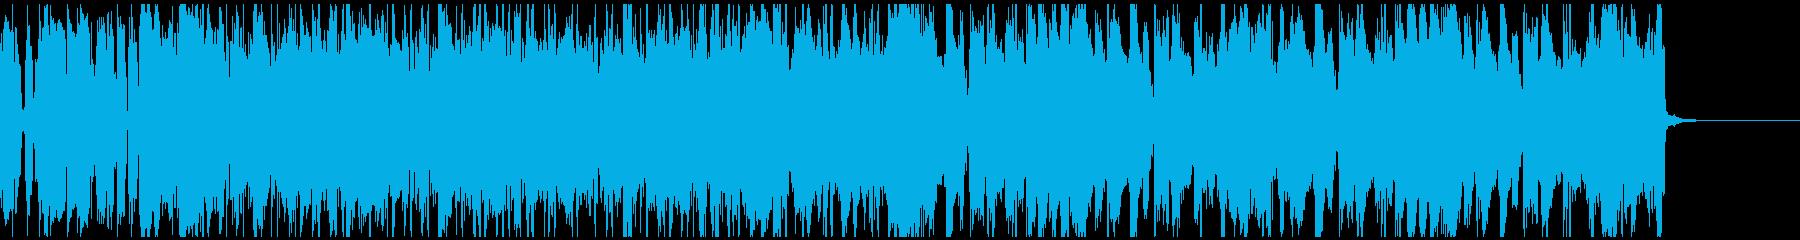 フュージョン感があるポストロック系BGMの再生済みの波形